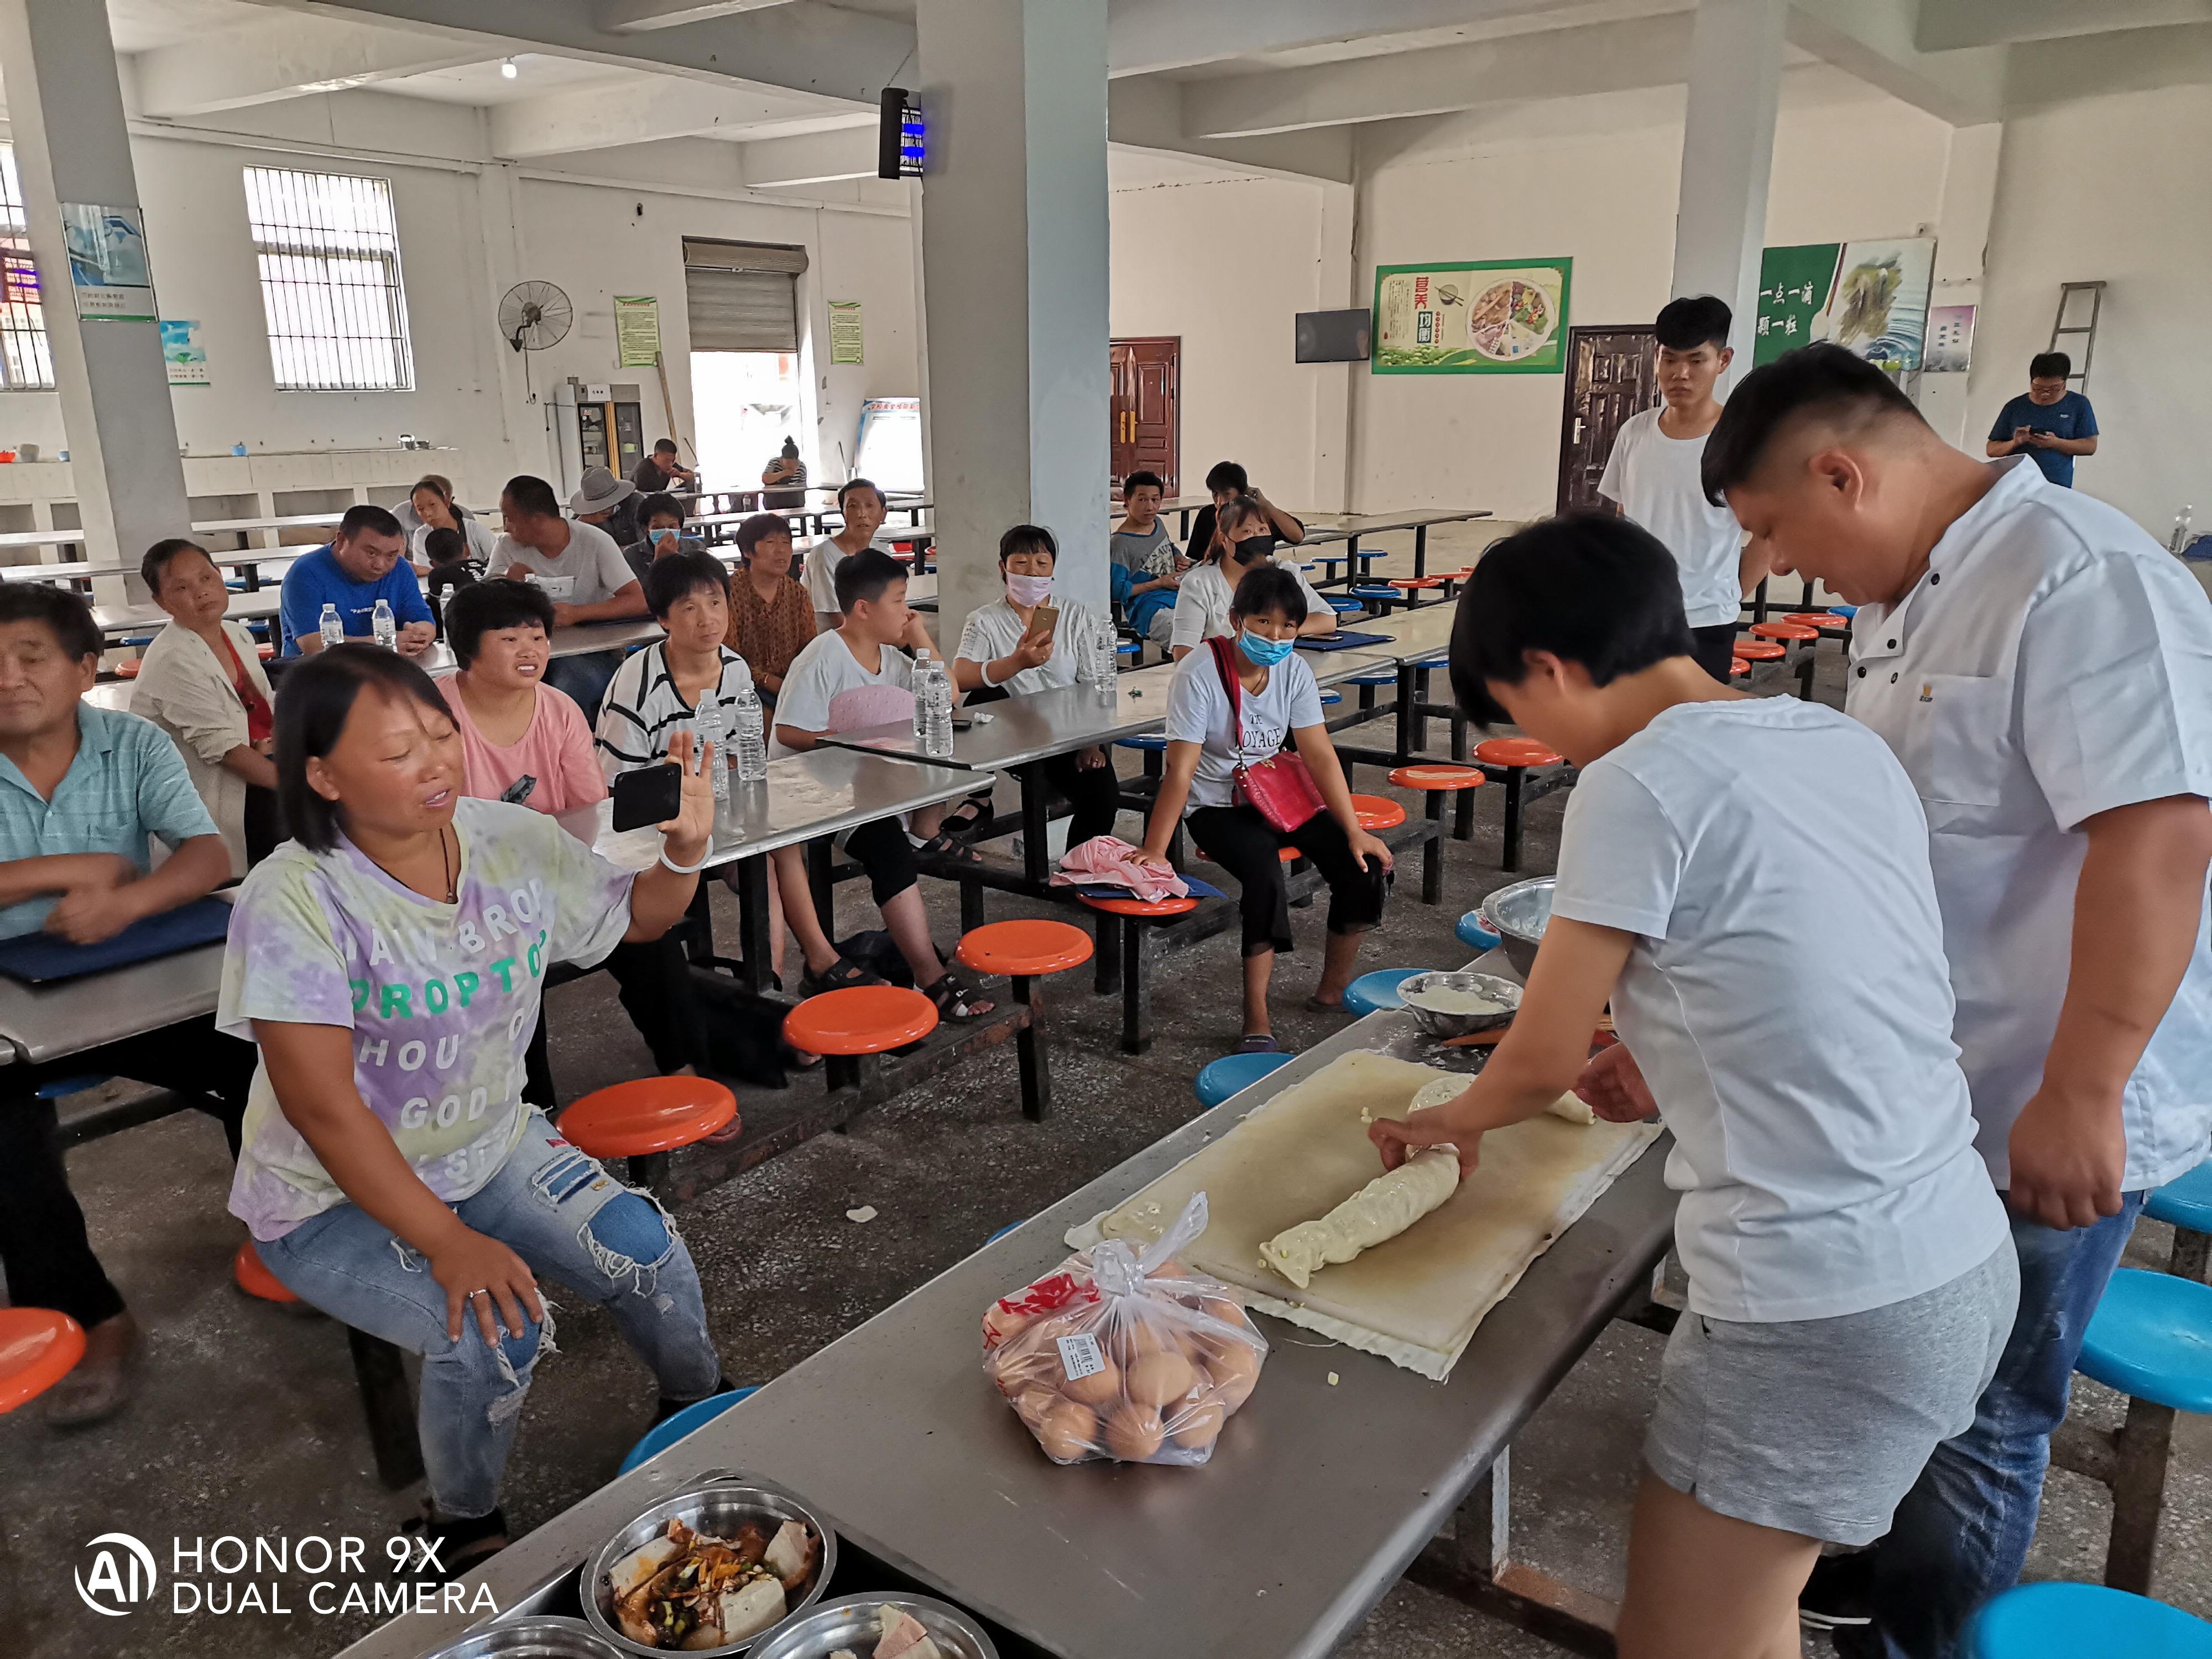 杞县残联 组织开展残疾人职业技术技能培训